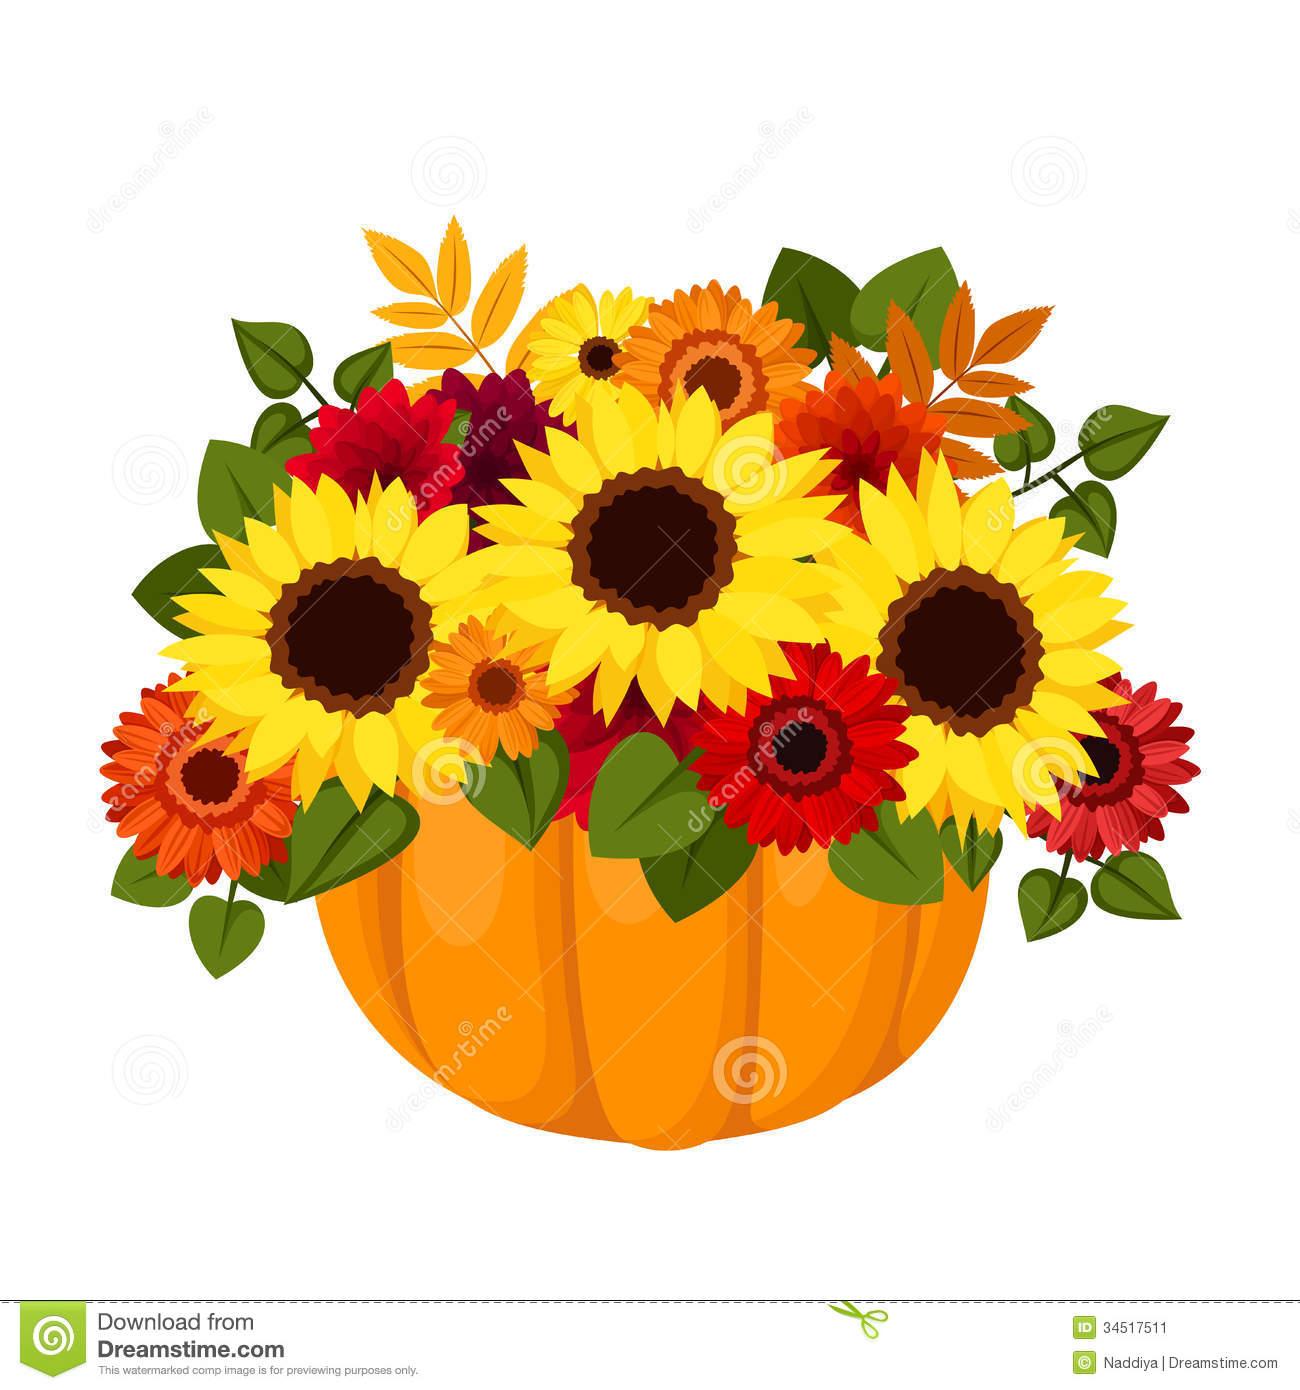 Fall Flower Arrangements Clipart - Clipart Kid